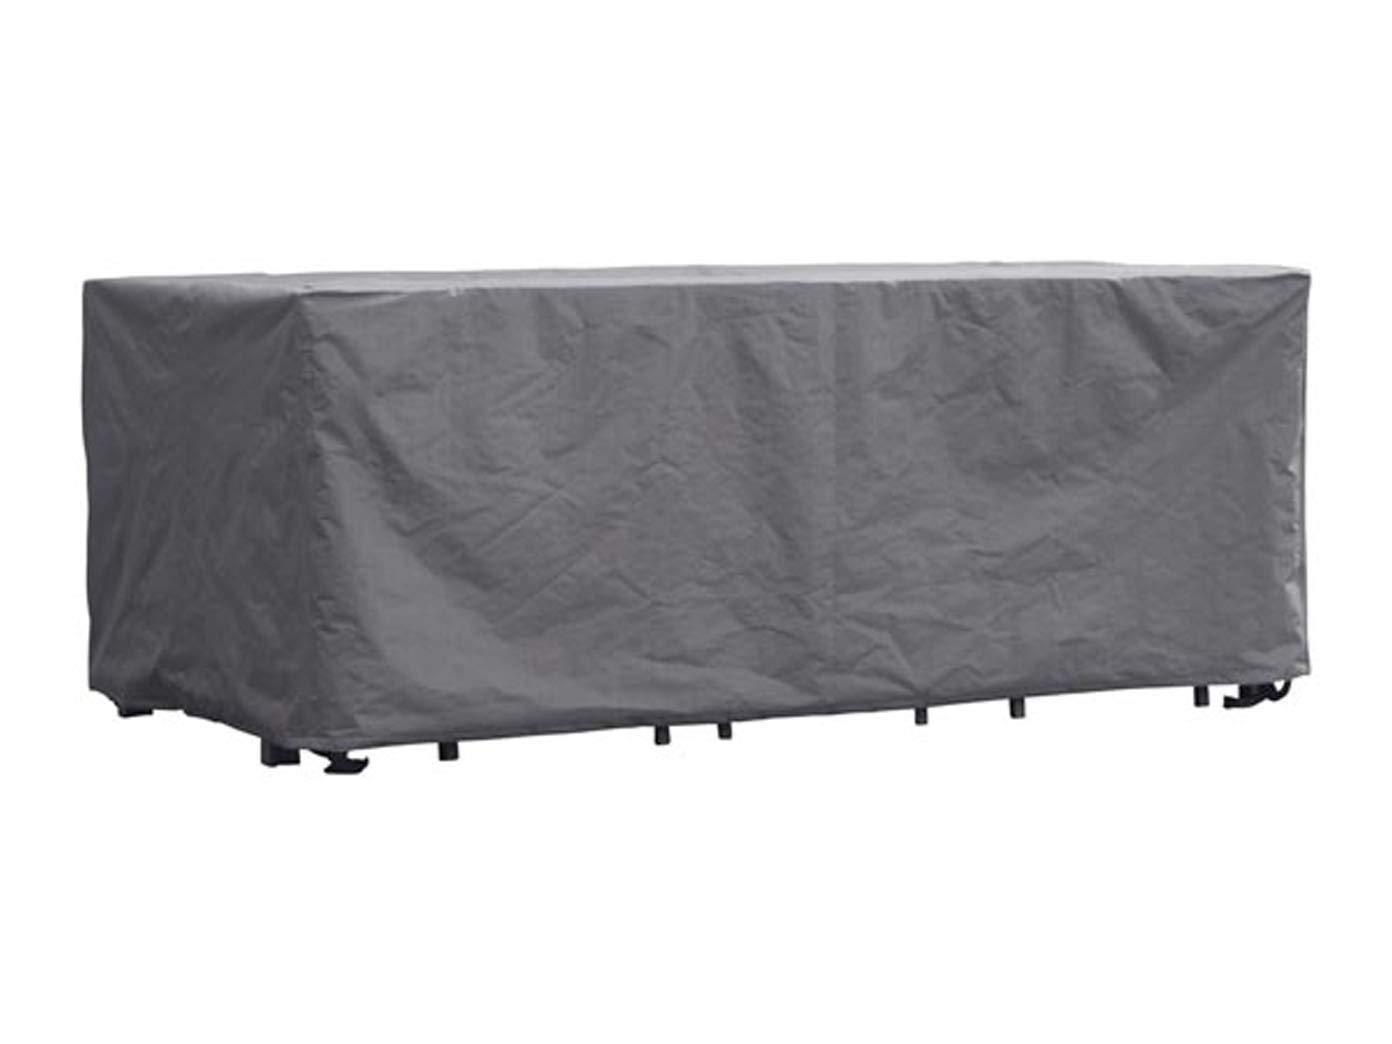 Perel Garden OCGS Schutzhülle Für Rechteckiges Lounge-Set - XL, Schwarz, 285 x 180 x 95 cm